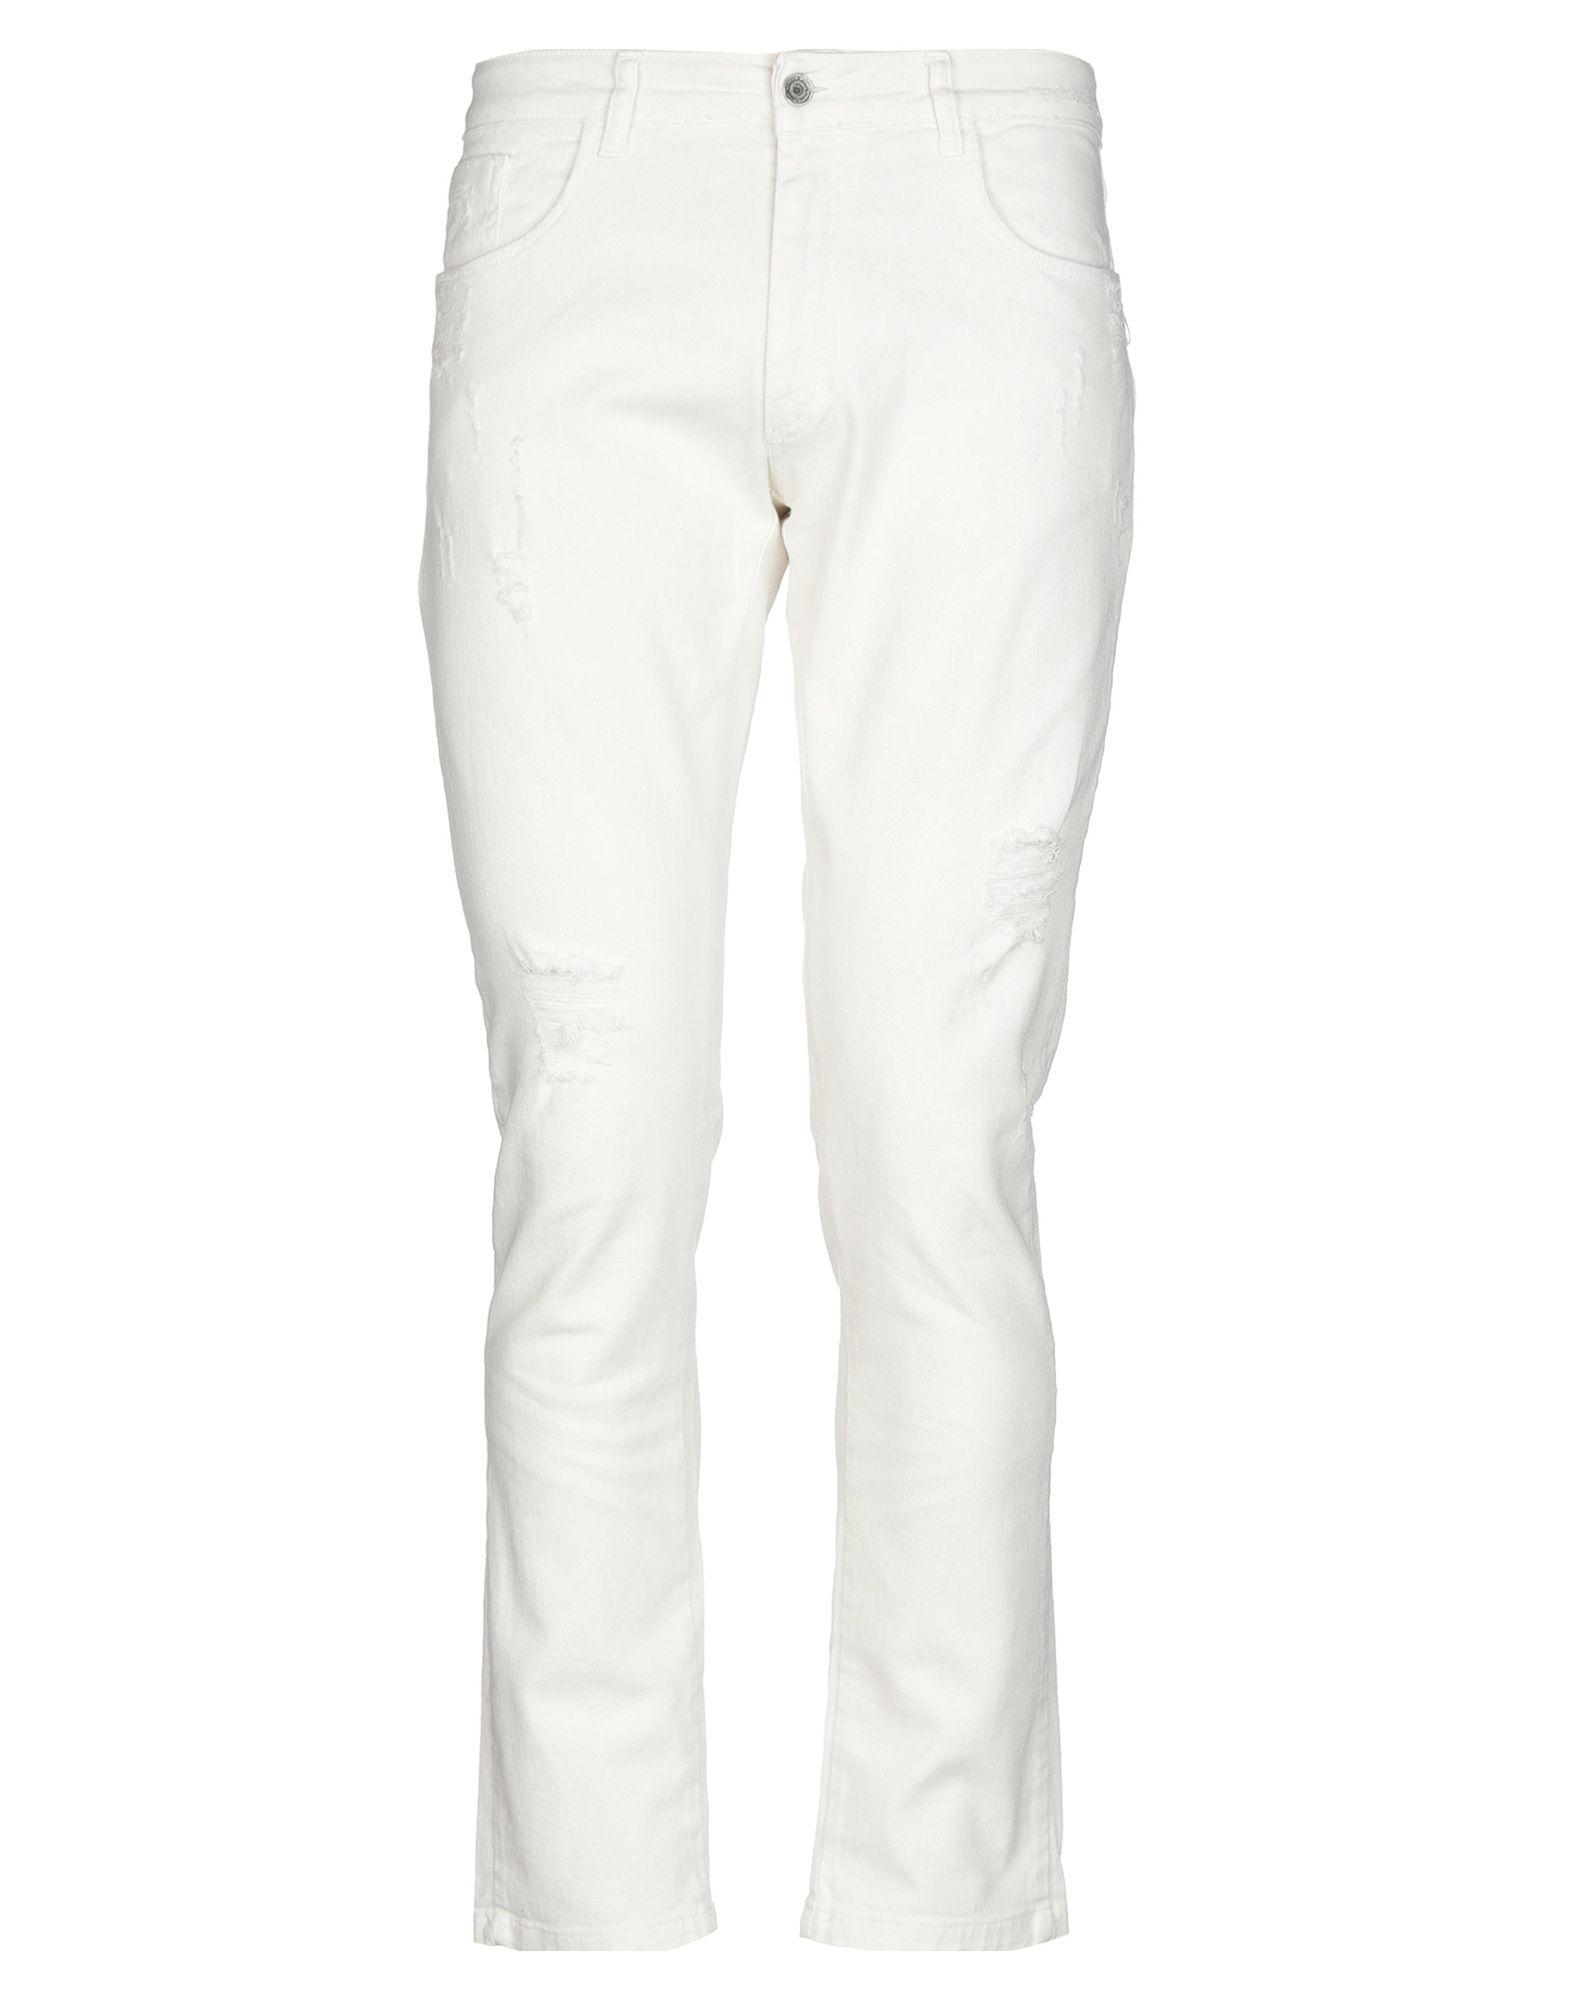 《セール開催中》V2? LIVING CLOTHING メンズ ジーンズ アイボリー 46 コットン 98% / ポリウレタン 2%